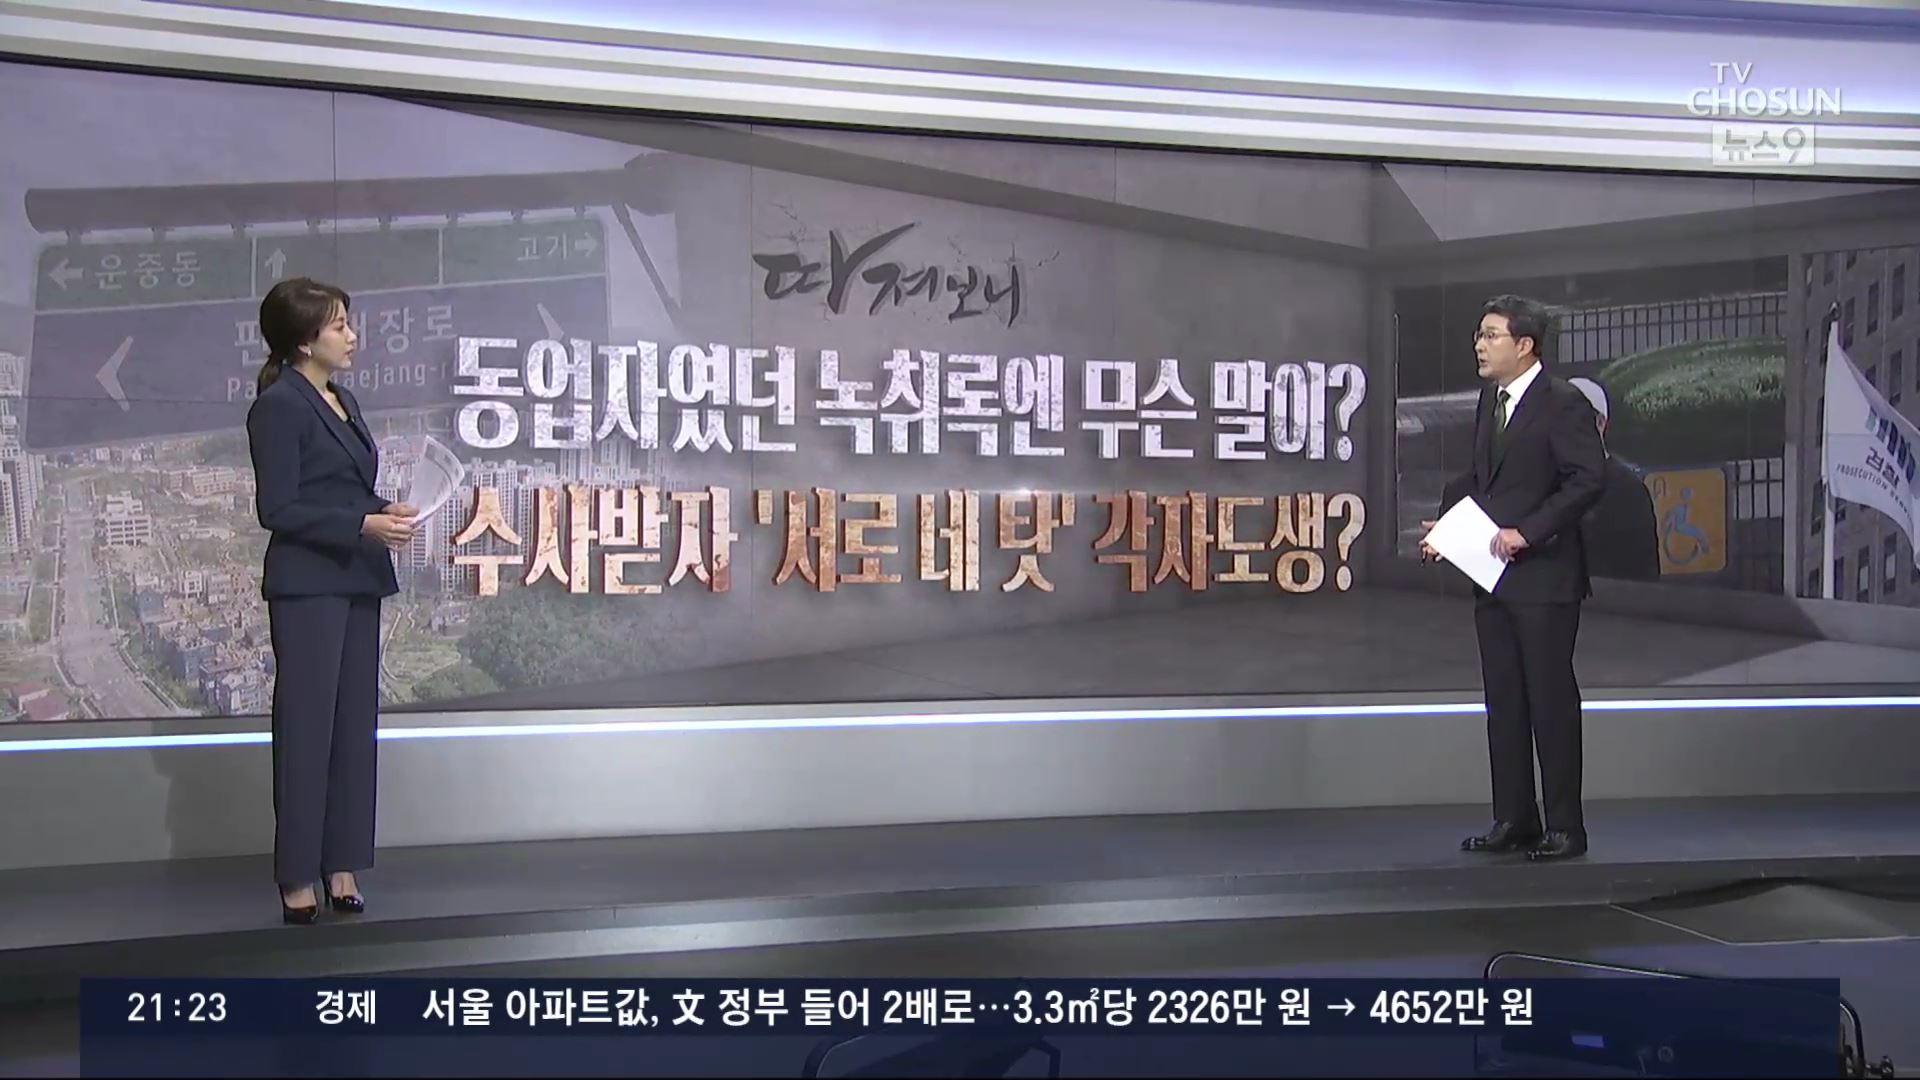 [따져보니] 대장동팀, 수사 진행되자 책임 공방…'각자도생'